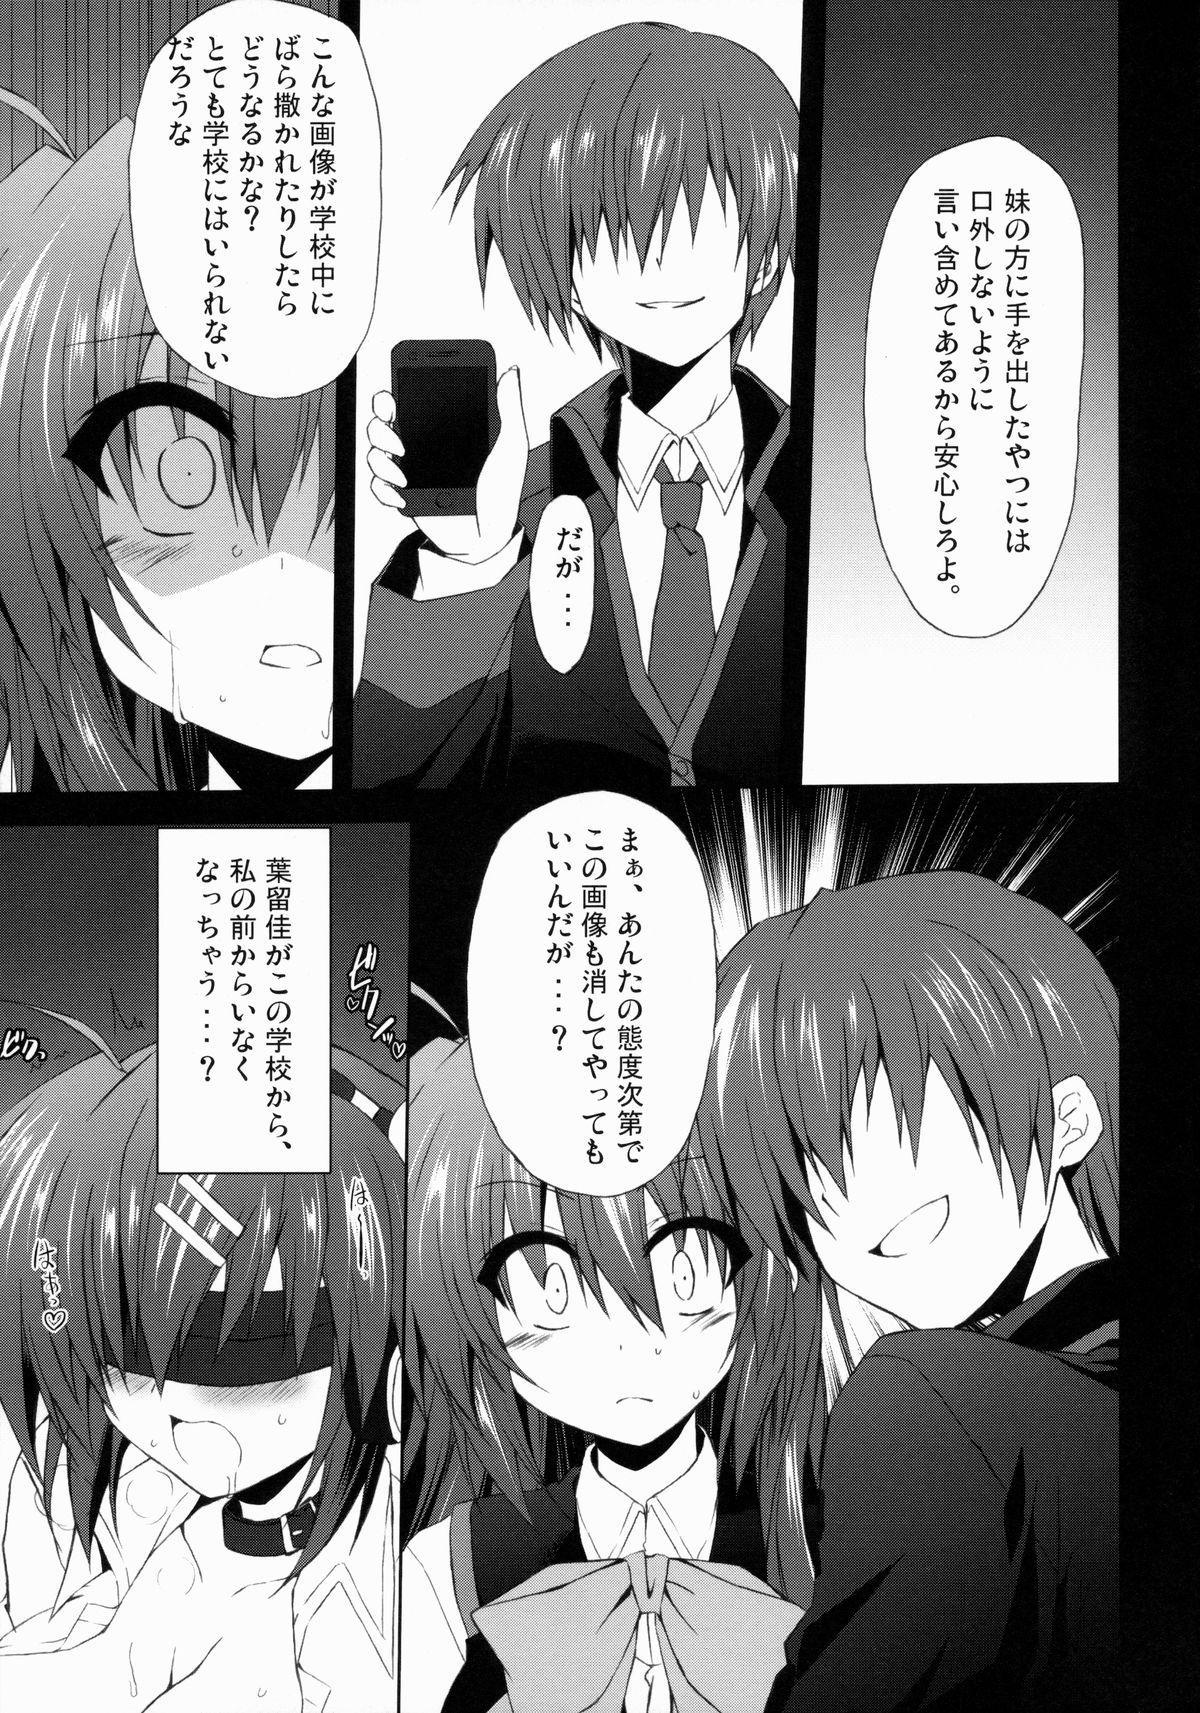 Futaki Kanata no Ura chijyou 7